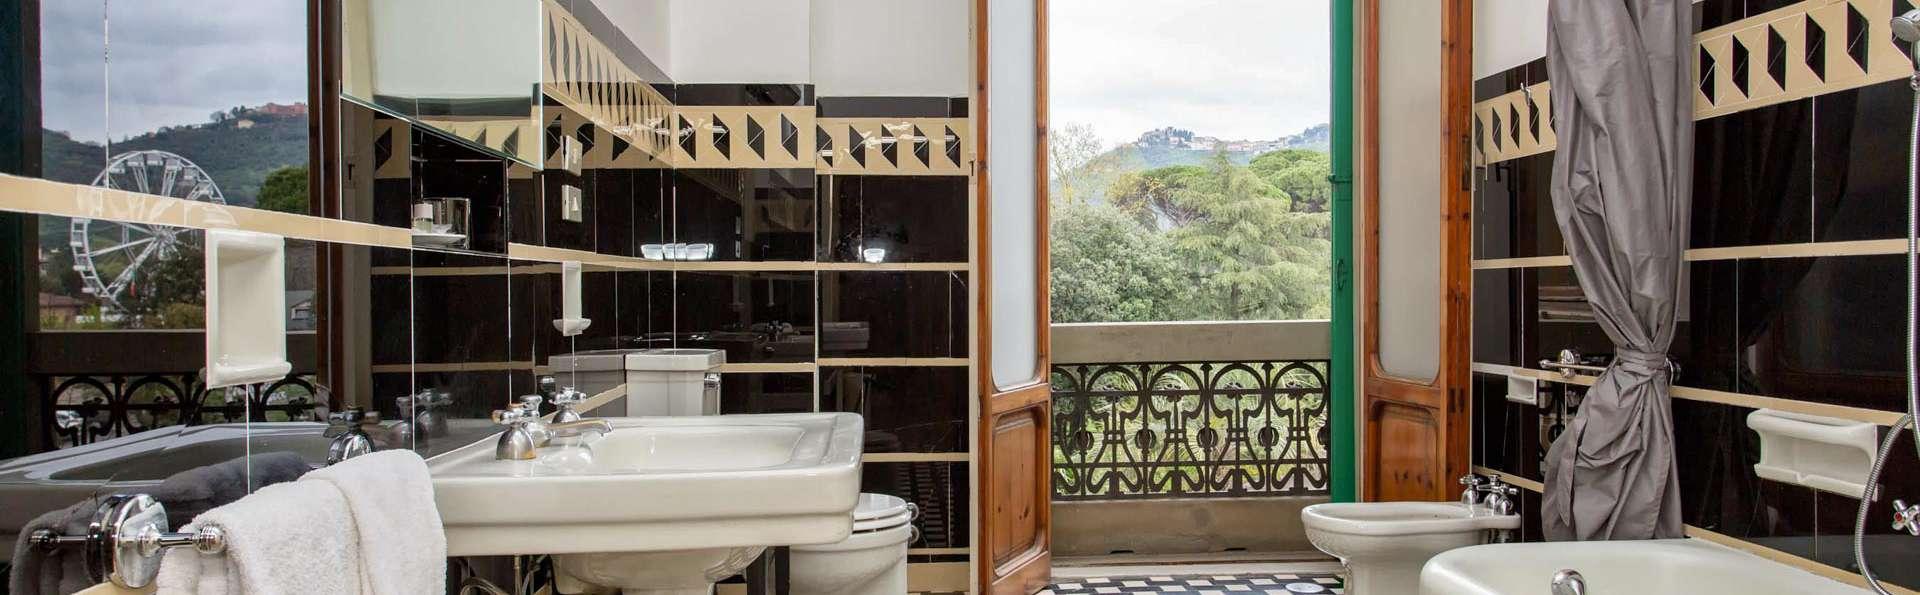 Grand Hotel & La Pace - EDIT_N3_BATHROOM_01.jpg